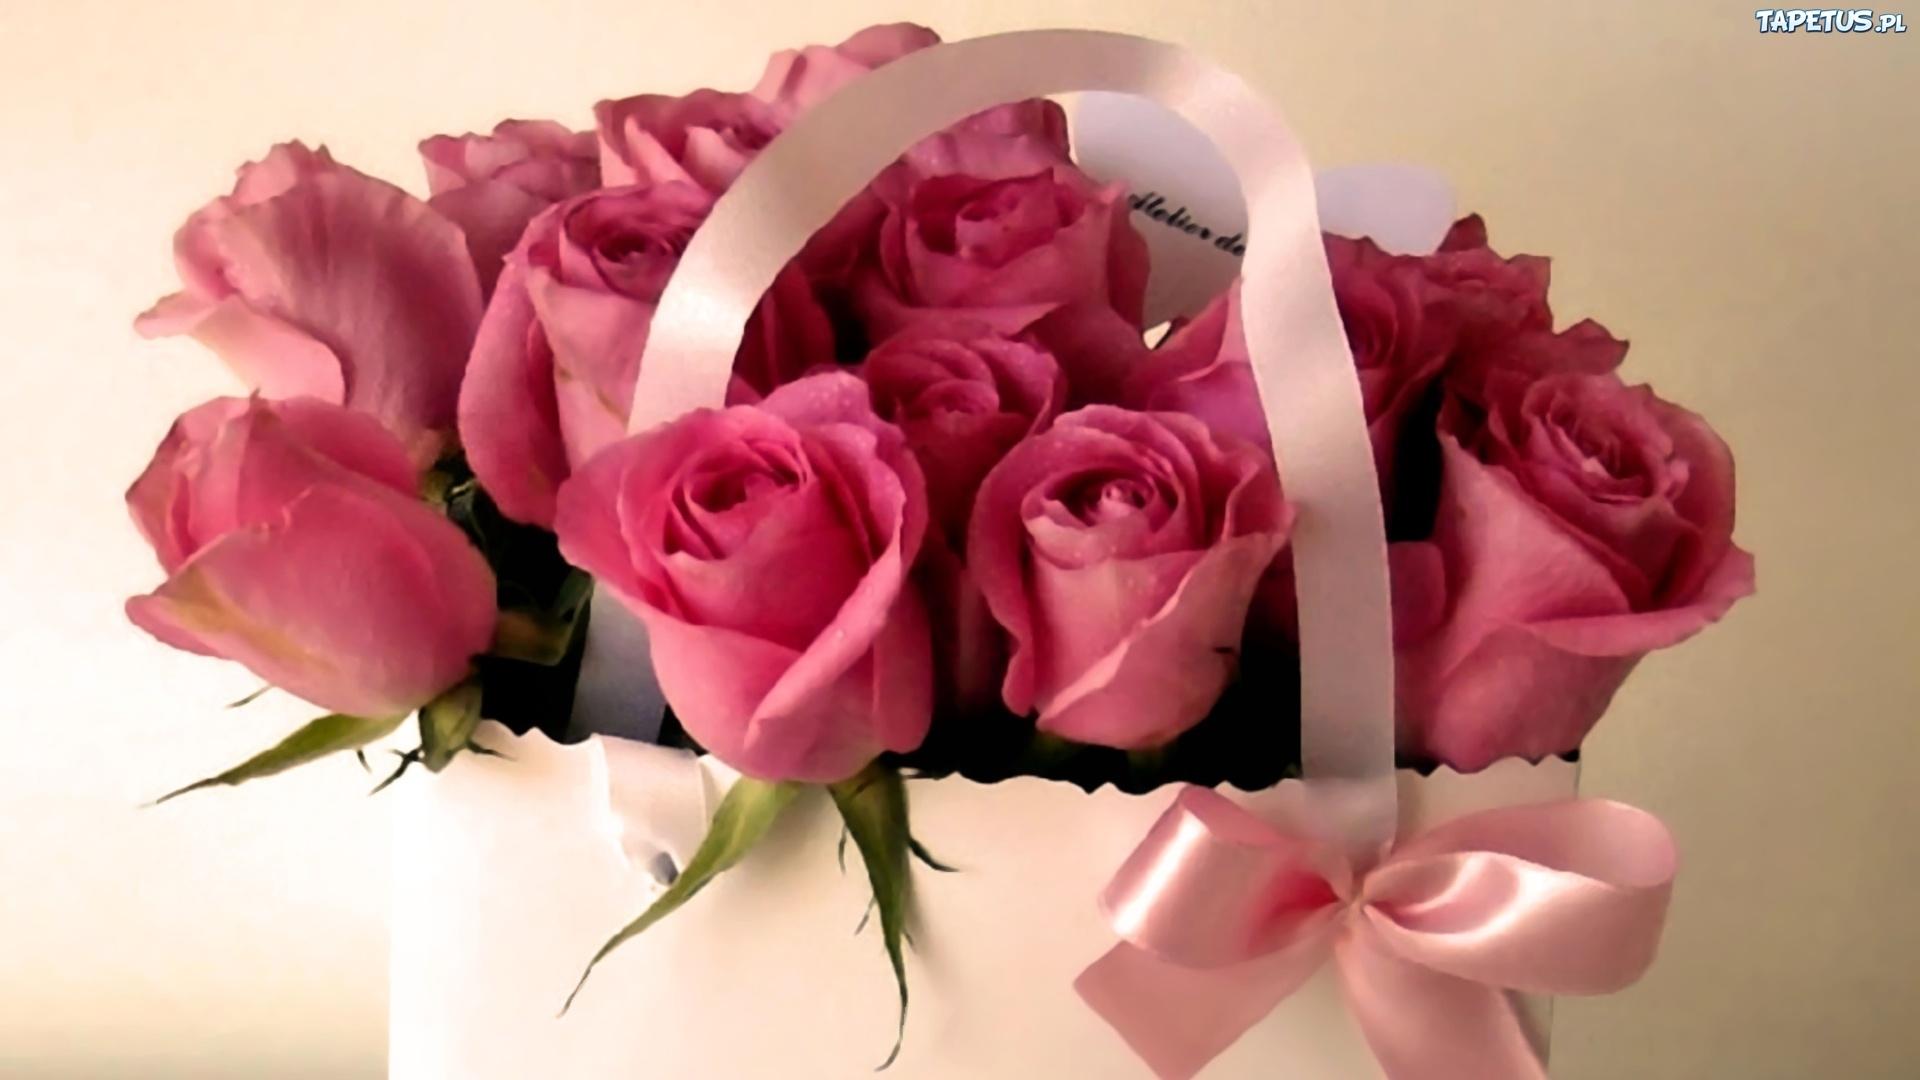 http://www.tapetus.pl/obrazki/n/89809_roze-kokarda.jpg